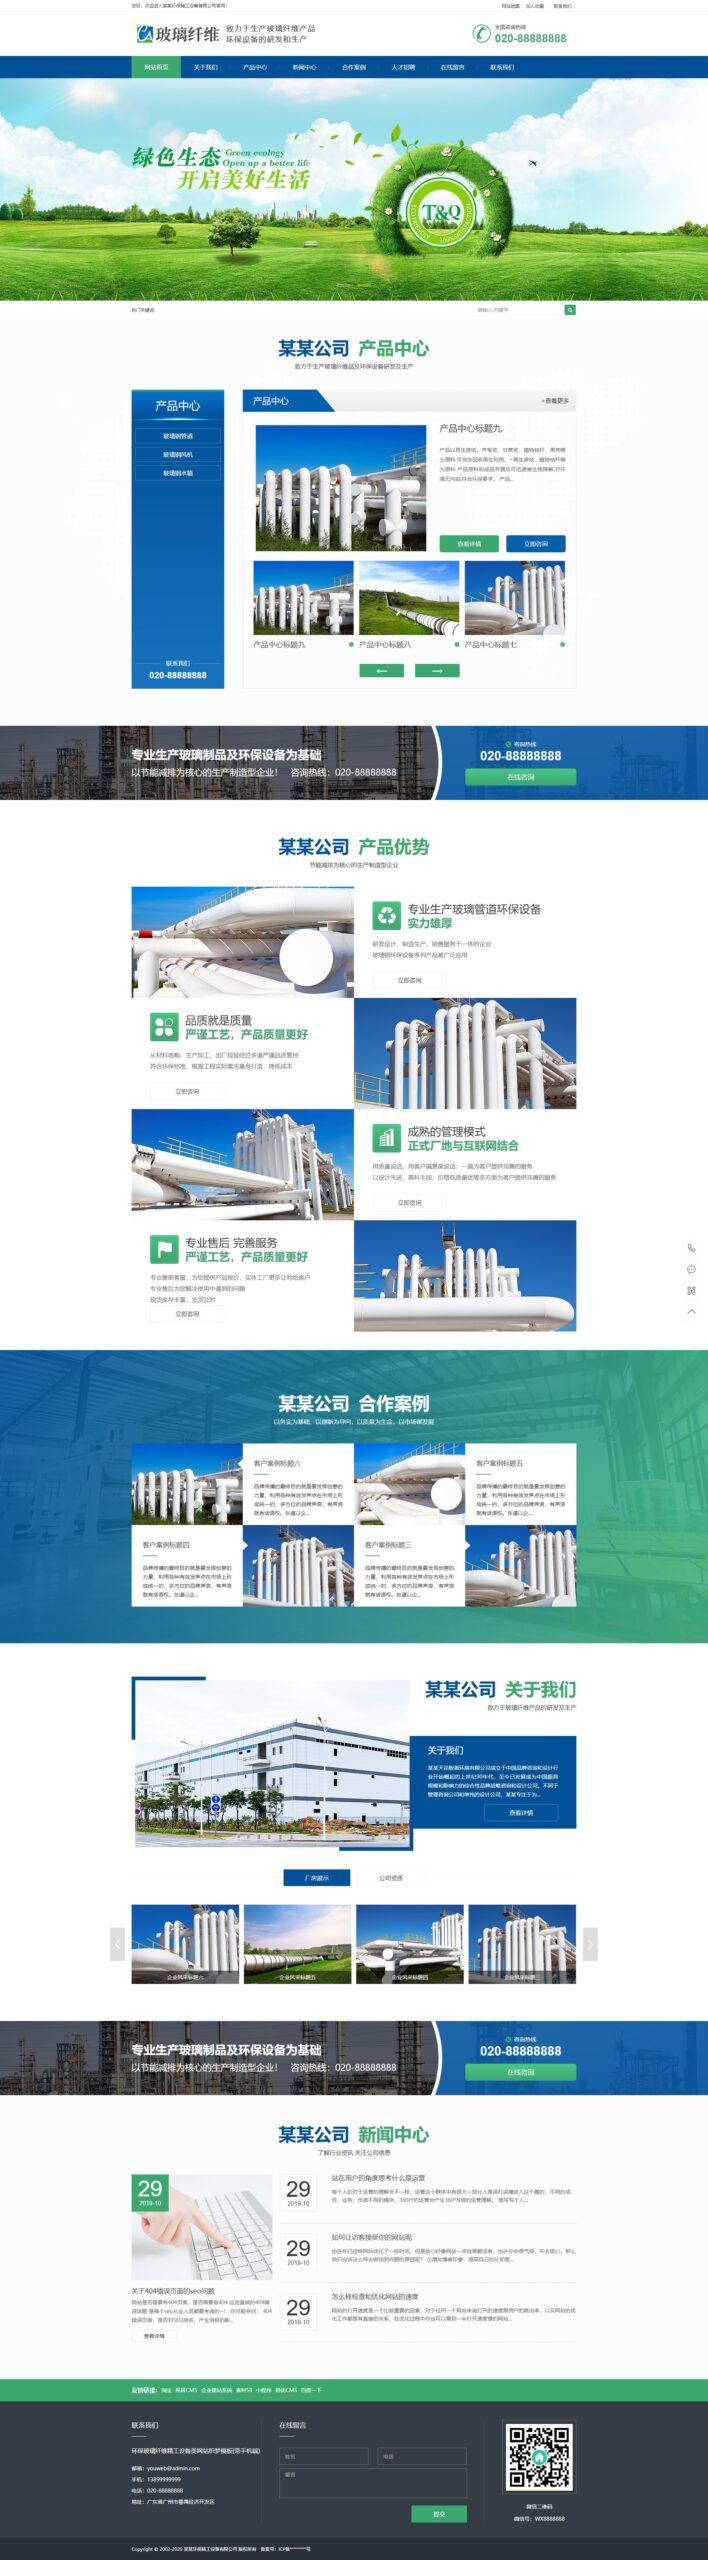 【织梦cms玻璃纤维】全新营销推广型环保玻璃纤维精网址dede企业模版插图